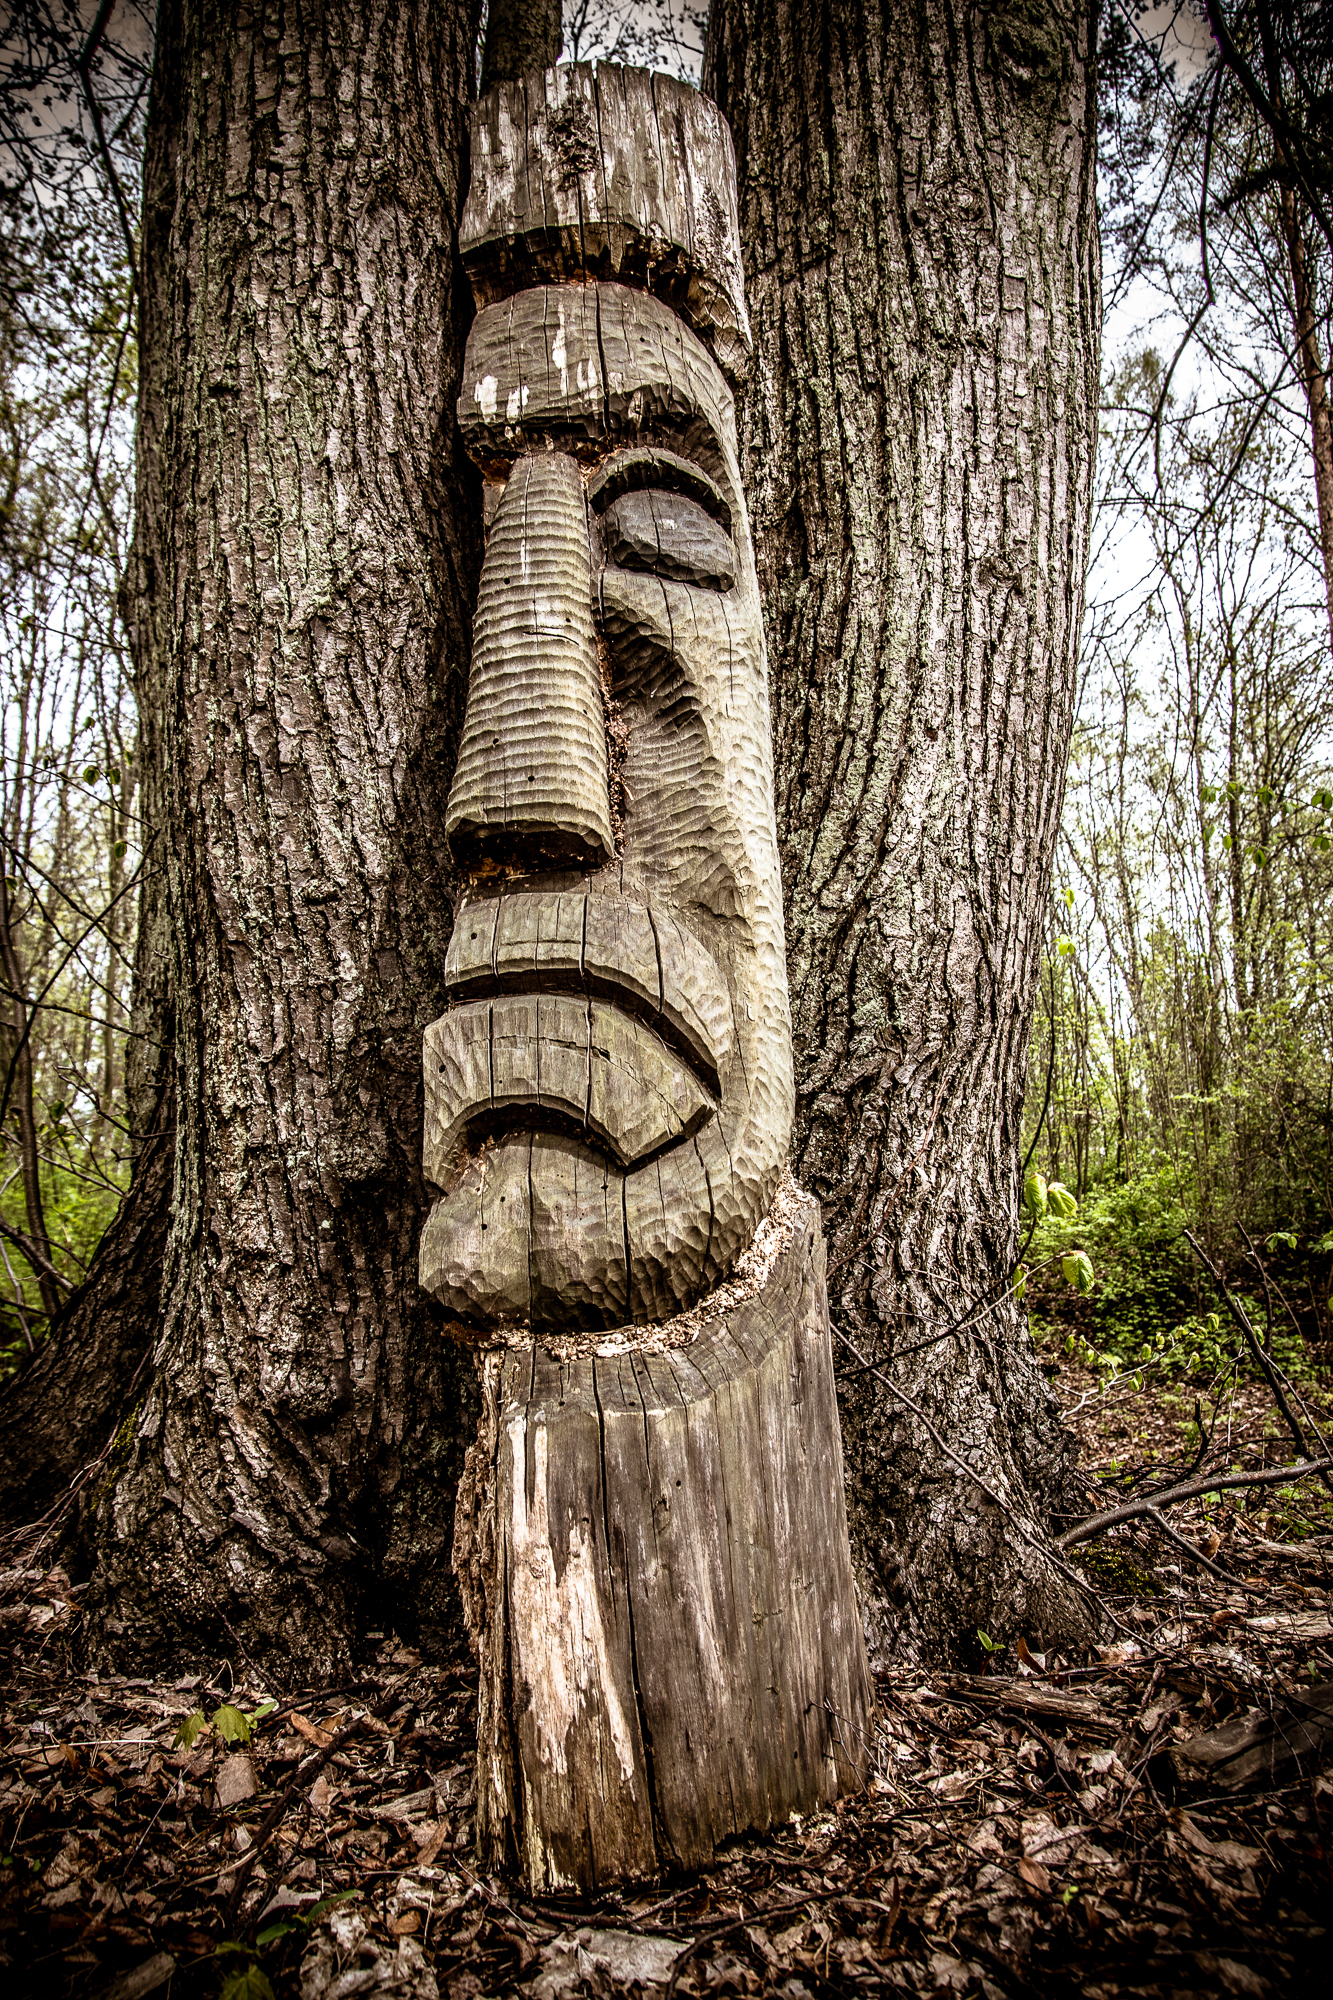 Tree-Man Via @Atisgailis